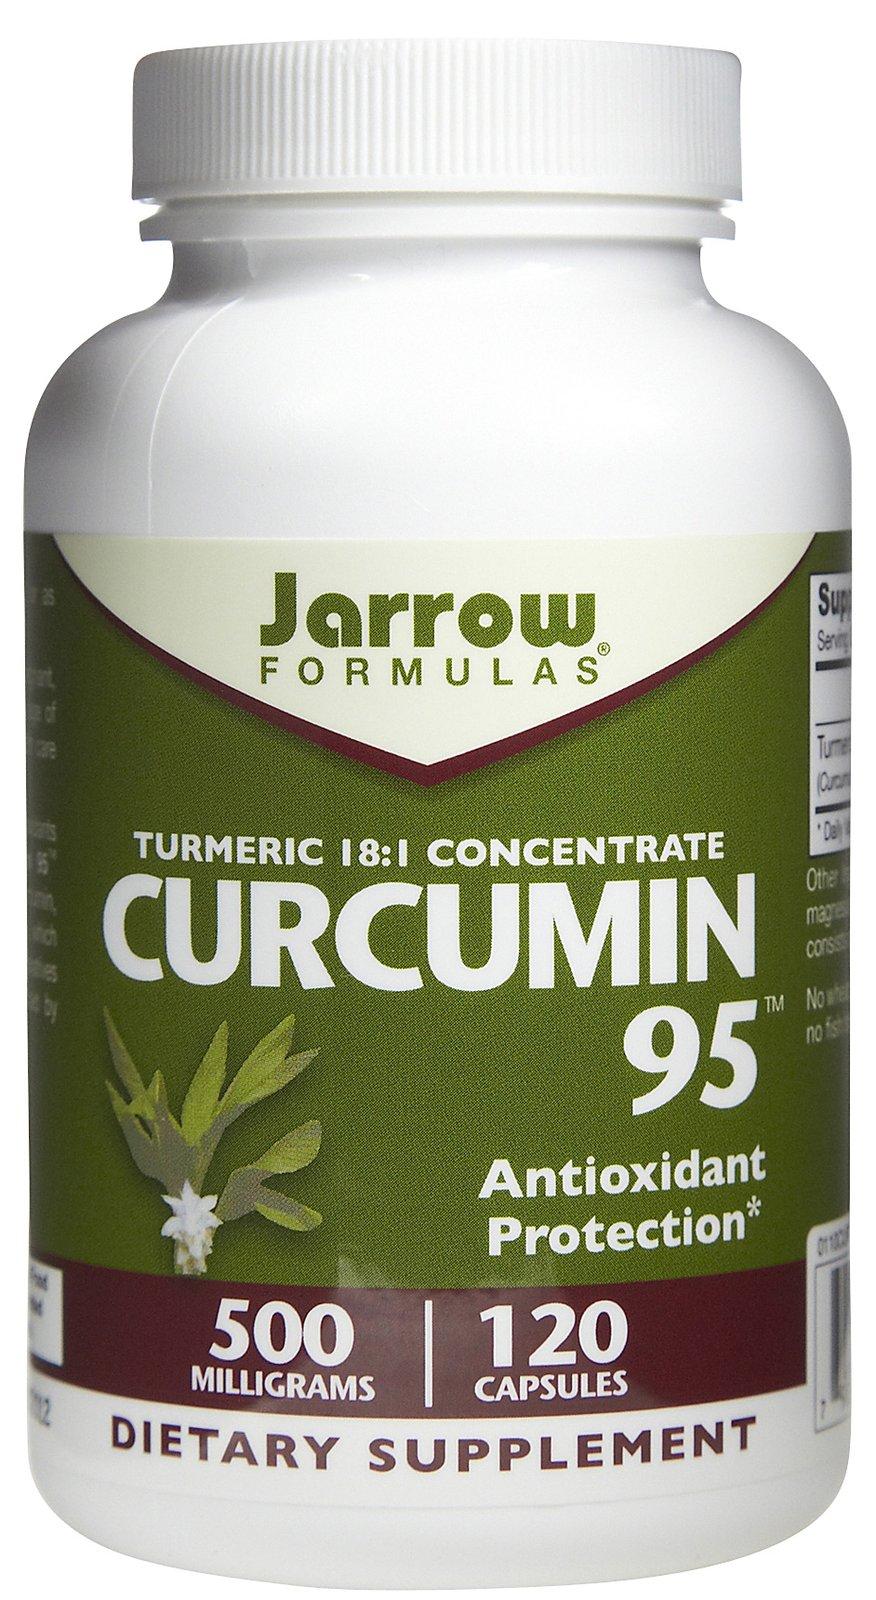 curcumin95